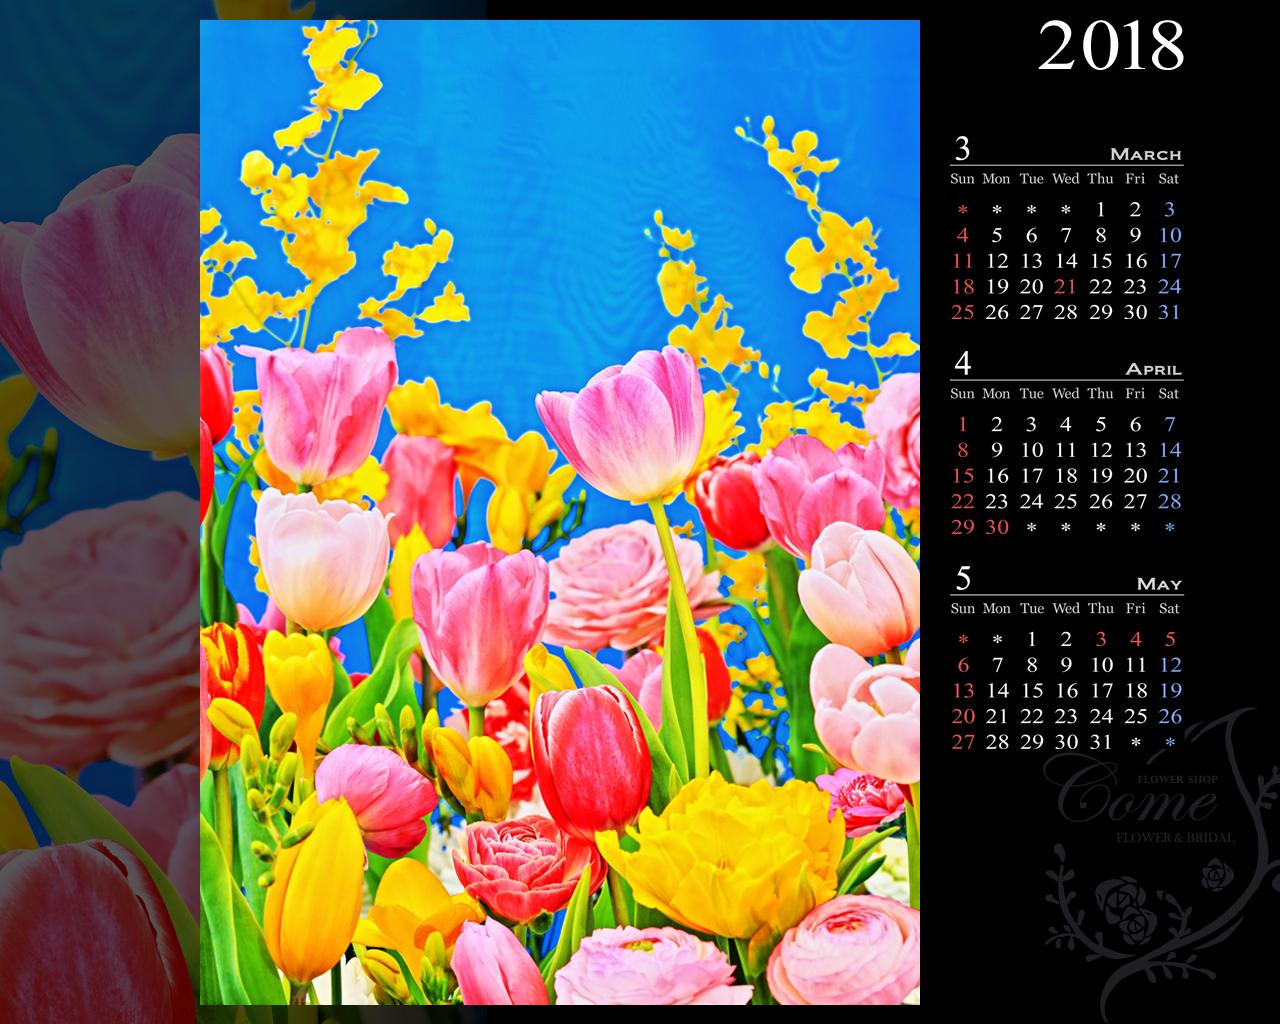 2018年壁紙カレンダープレゼント 無料 花の写真を使った壁紙